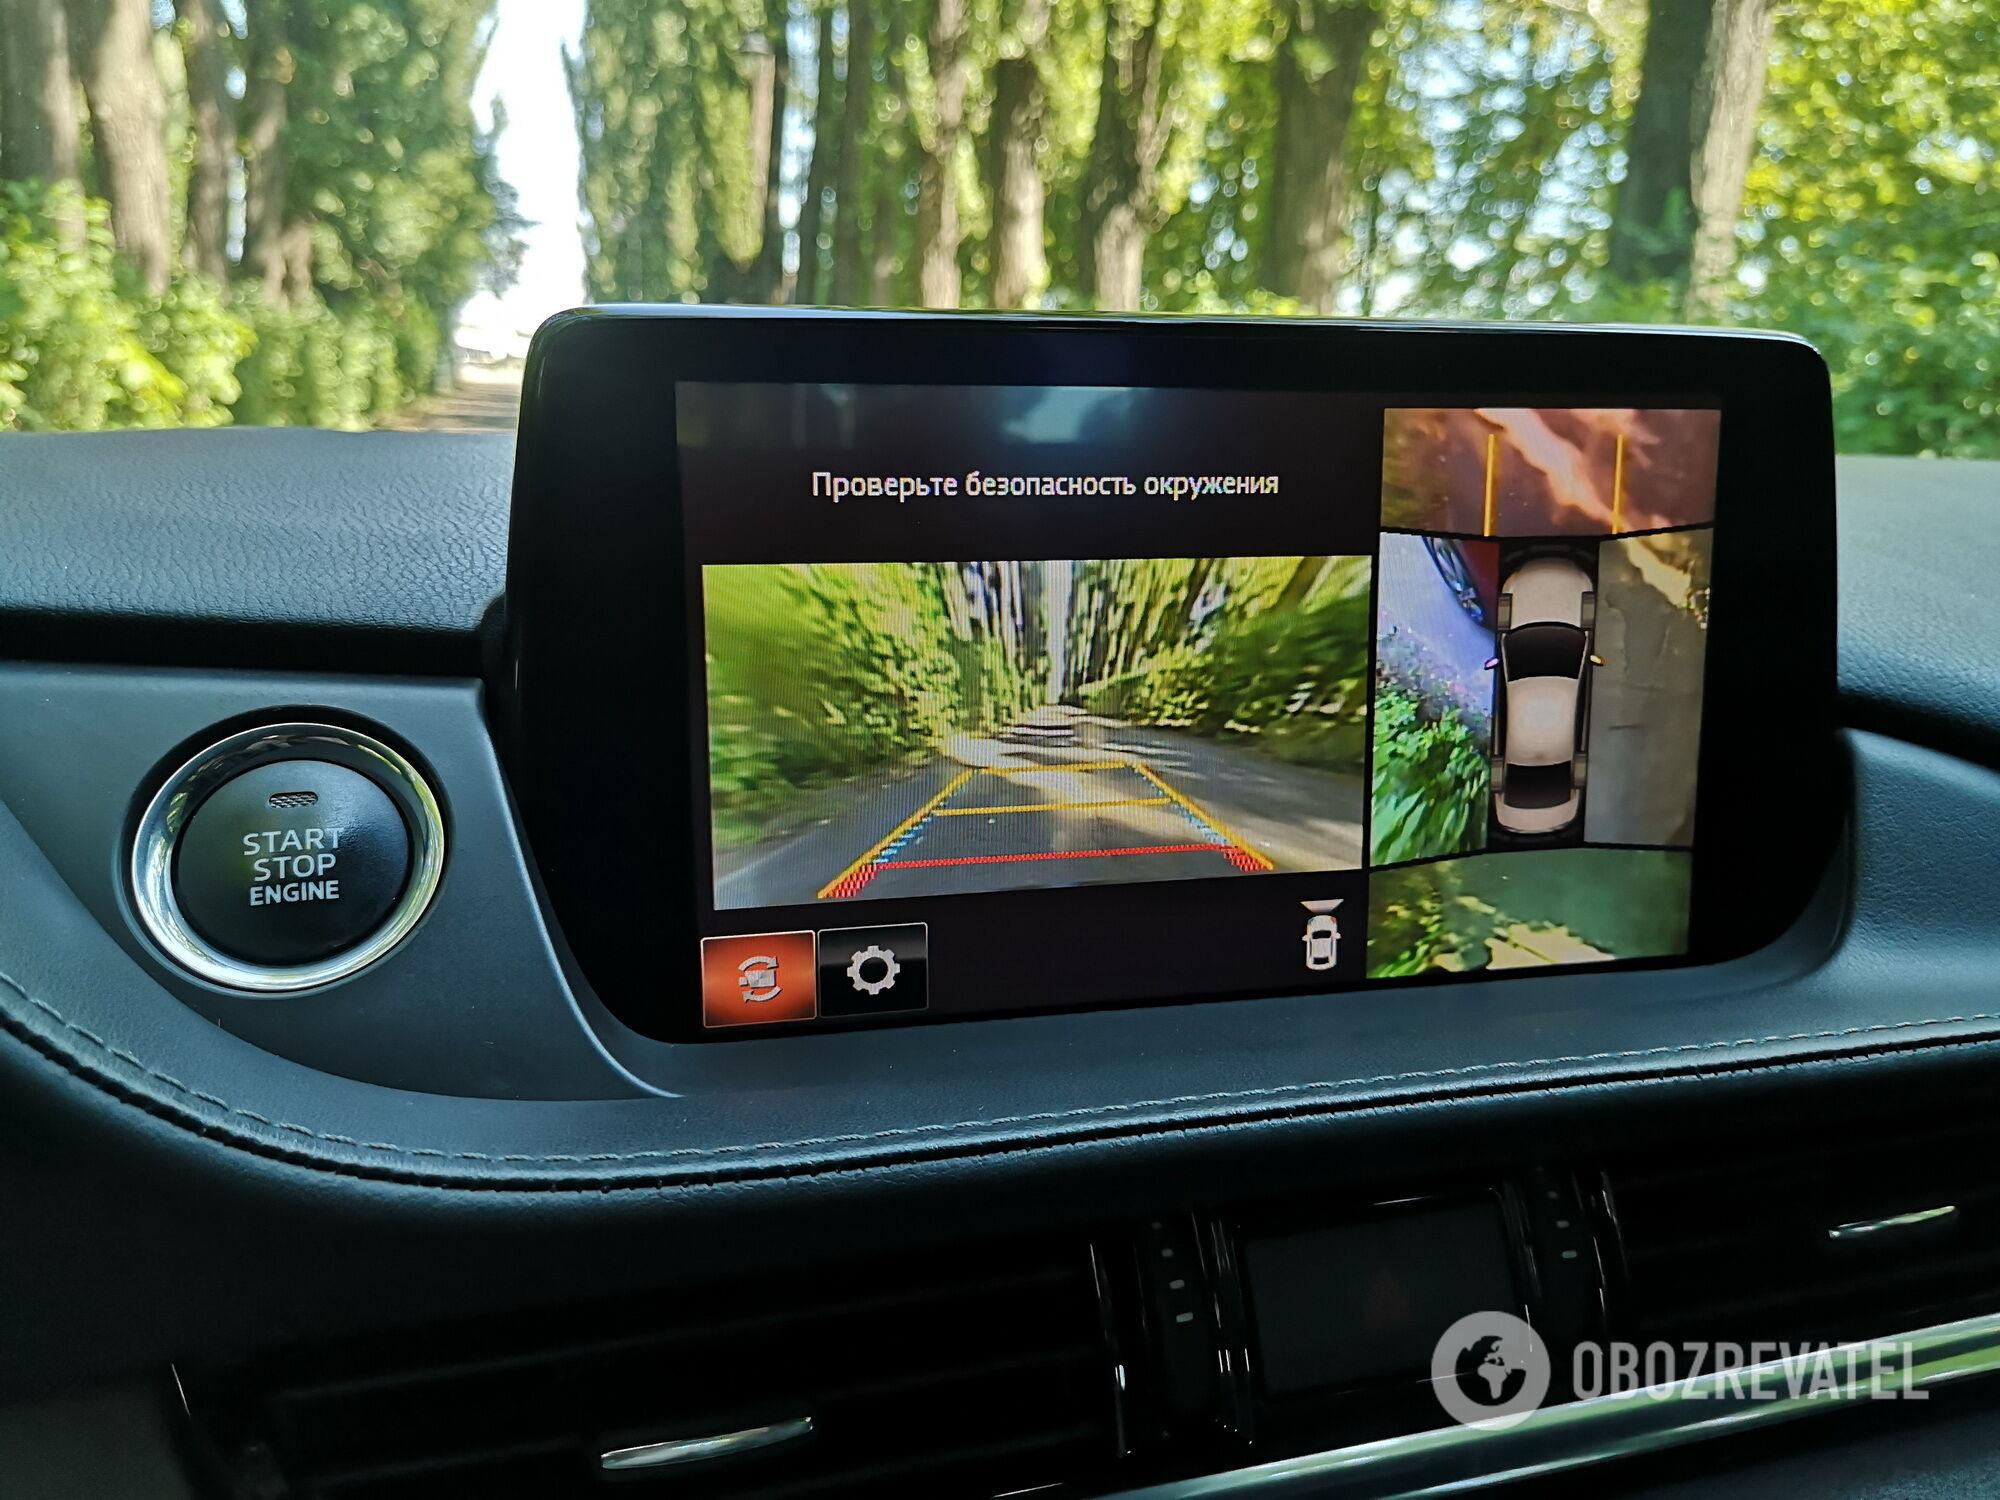 Камера кругового обзора поможет припарковаться в любых условиях